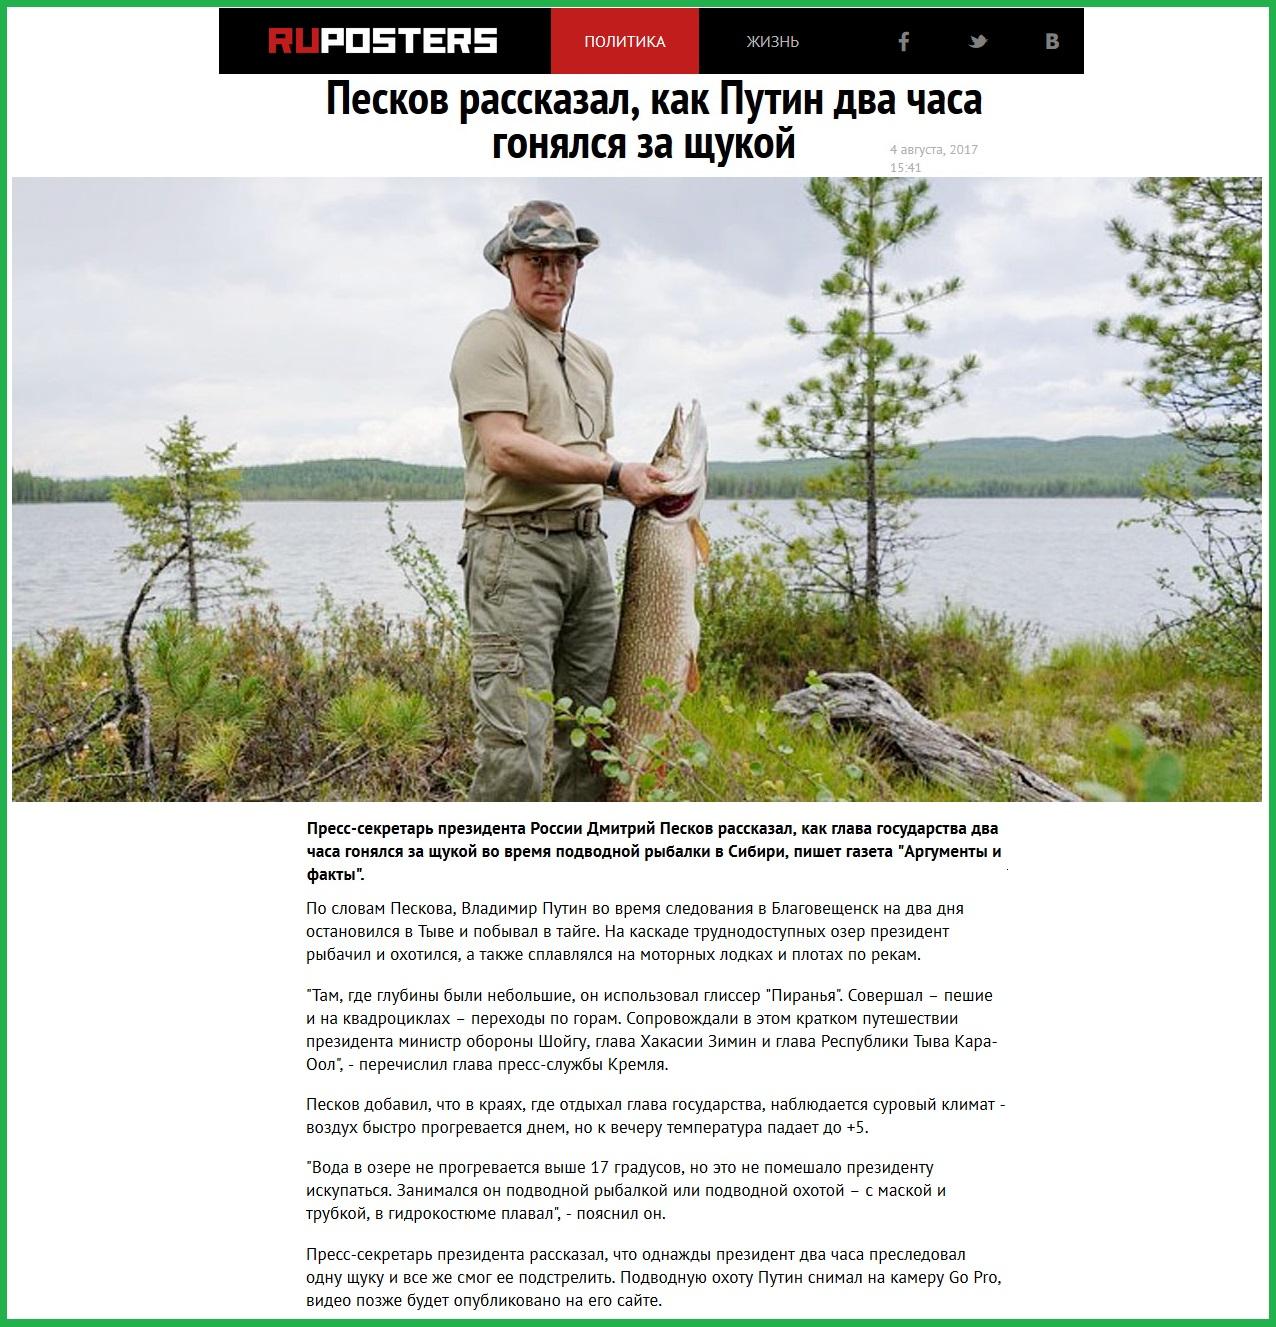 Владимир Путин и его добыча на Дальнем Востоке. конец июля-начало августа 2017. вся статья и увеличенная фота